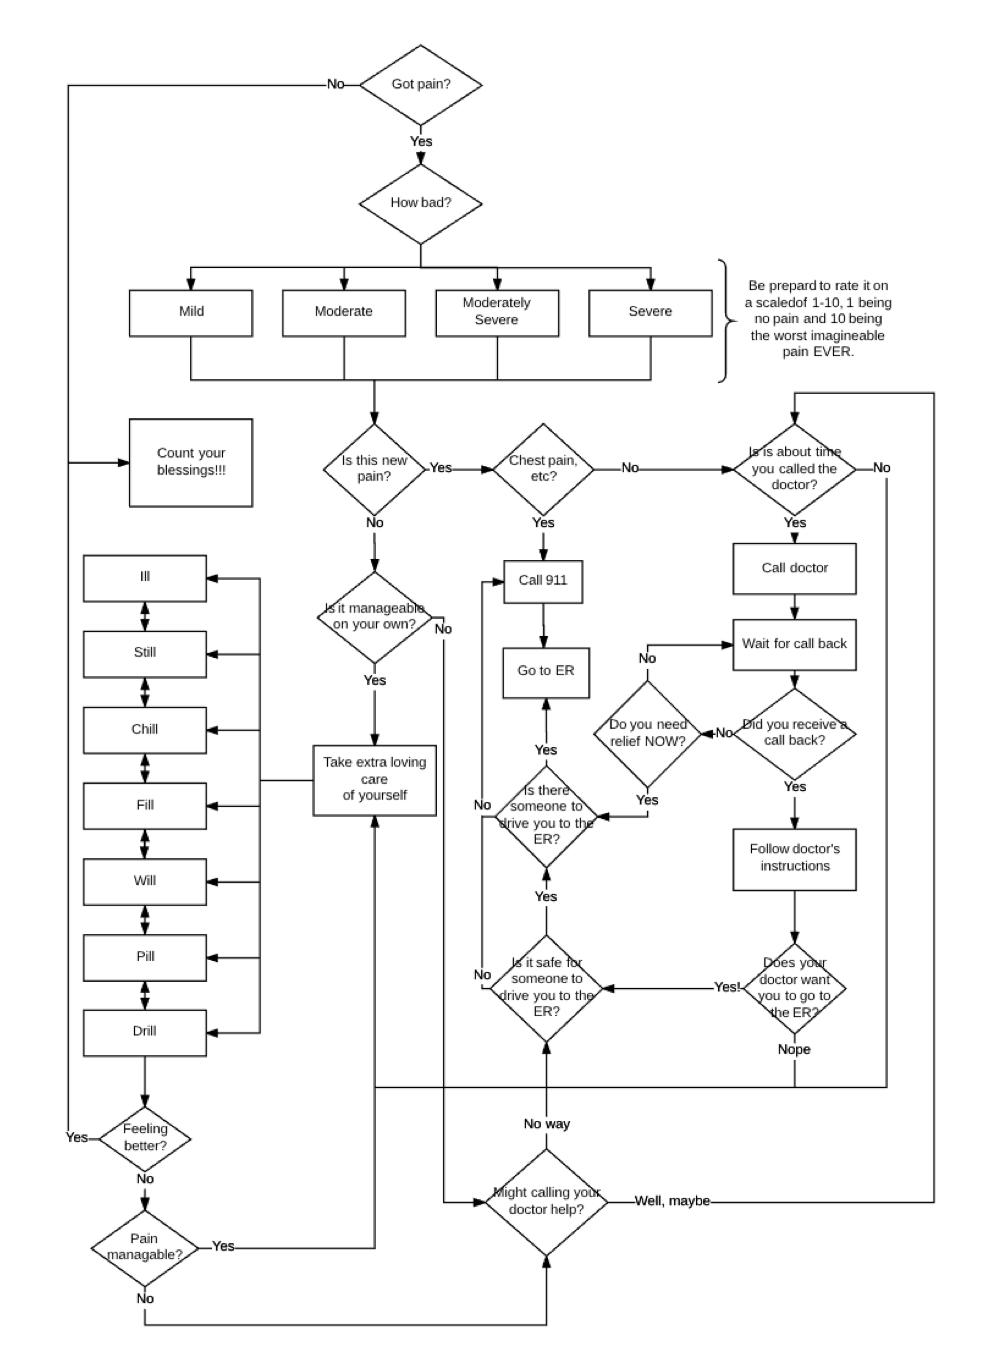 Pain process flow copy.png